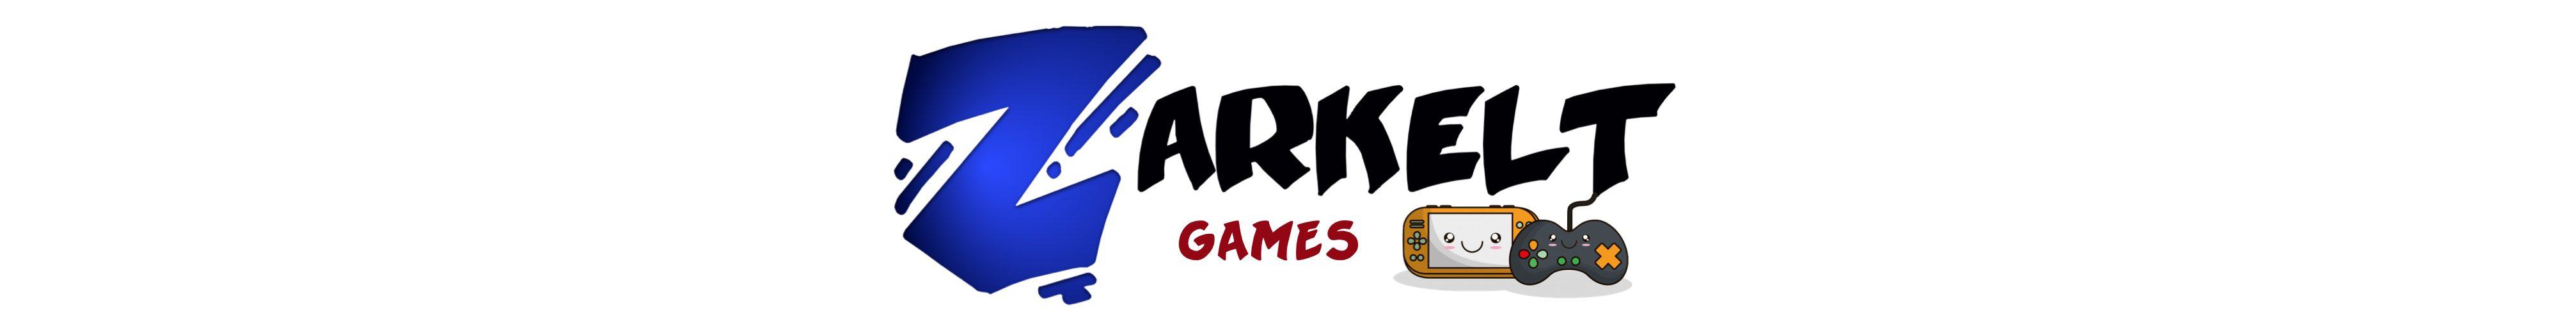 Zarkelt Games